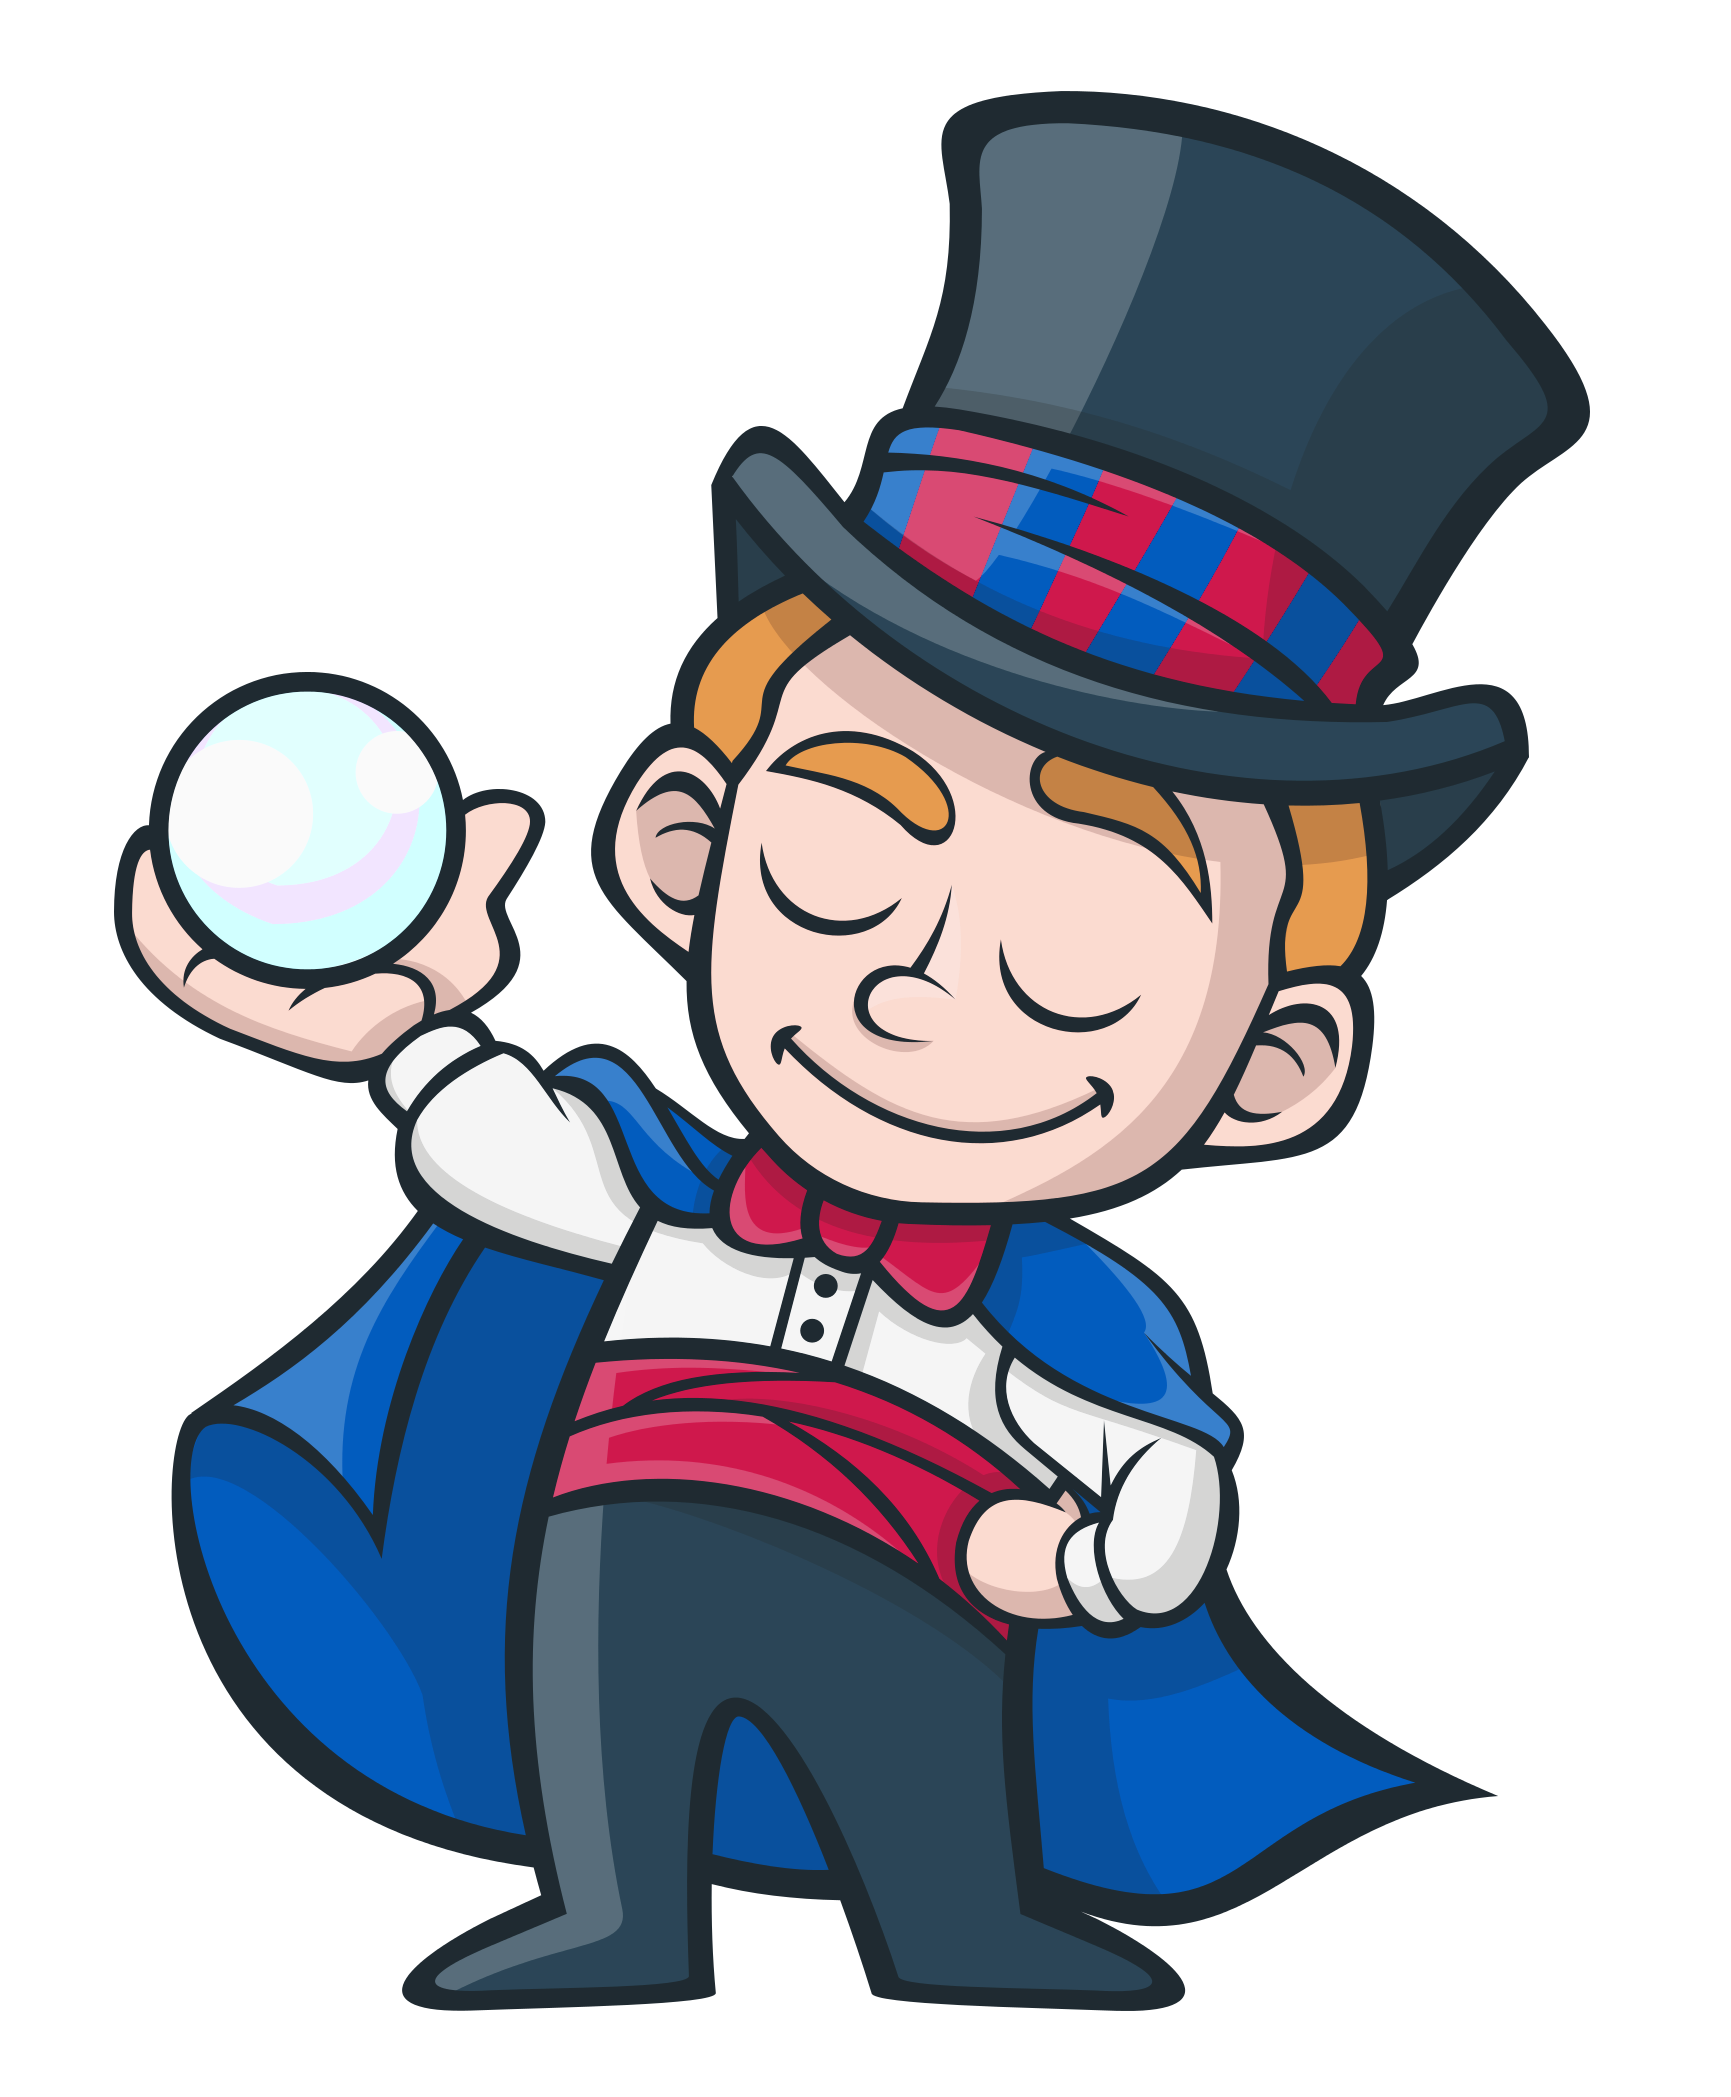 Magic clipart vector png. Magician image pngpix resolution